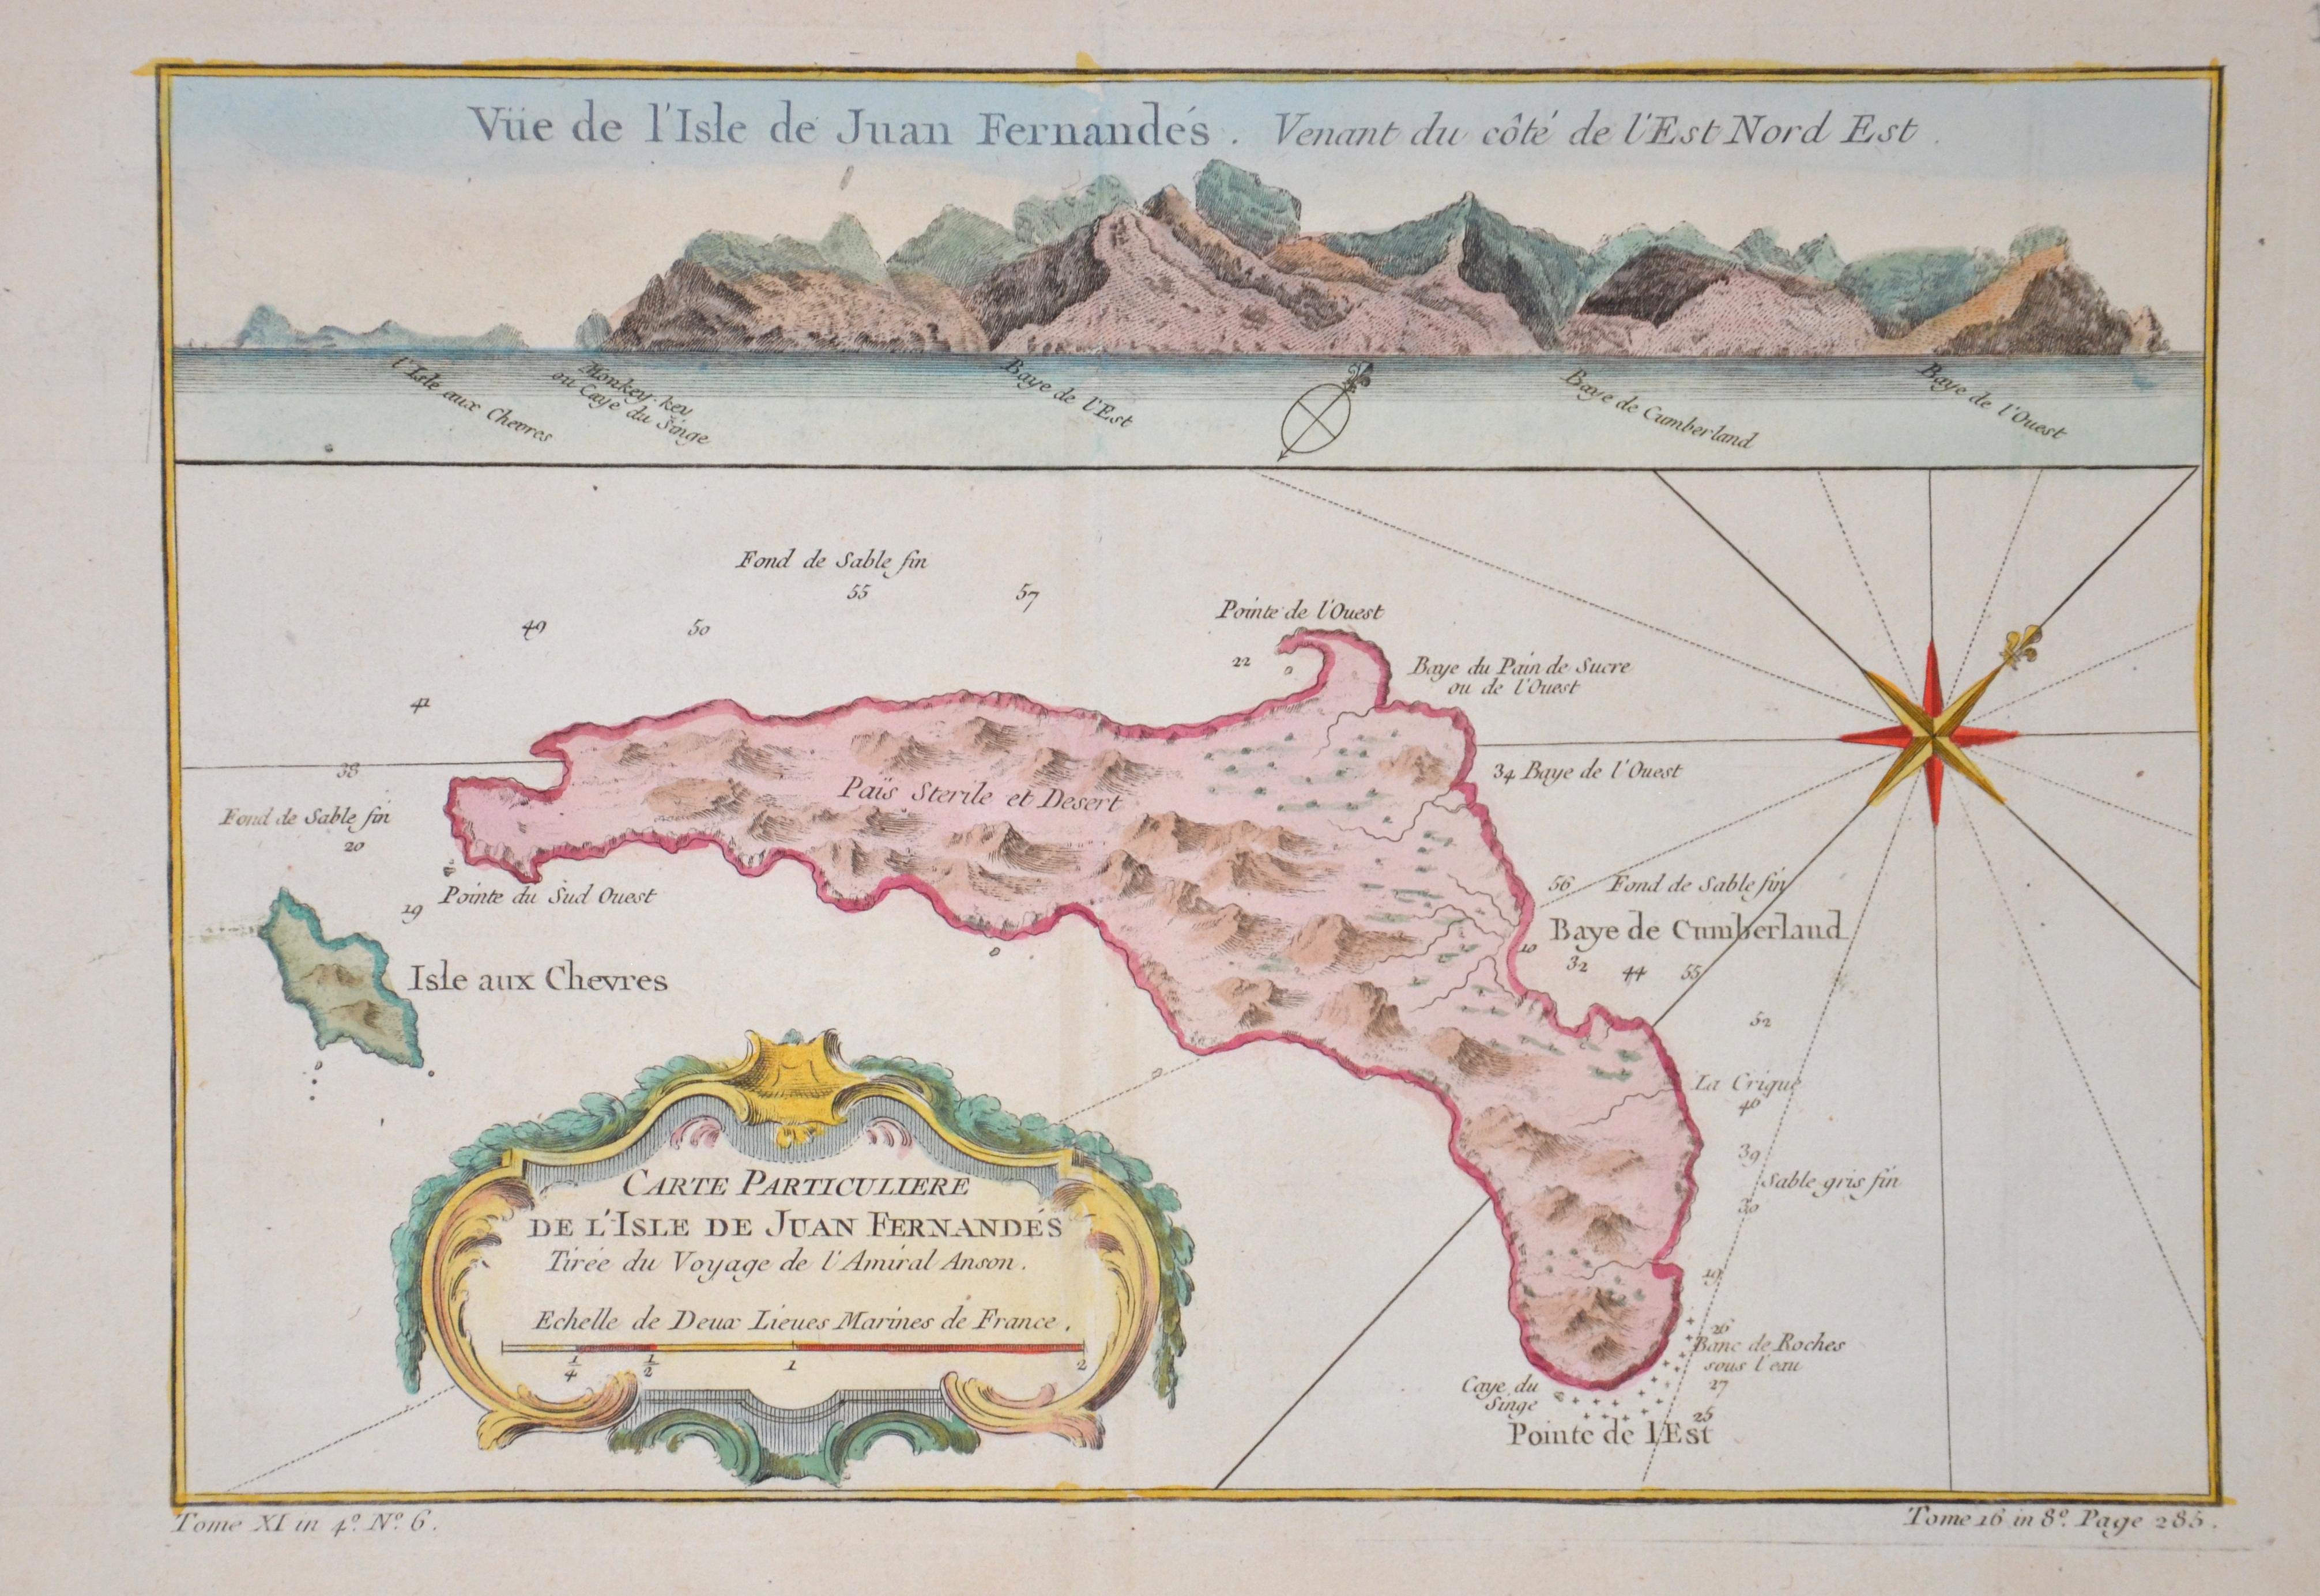 Bellin  Carte Particuliere de l'isle de Juan Fernandés Tirée du Voyage de l'Amiral Anson.